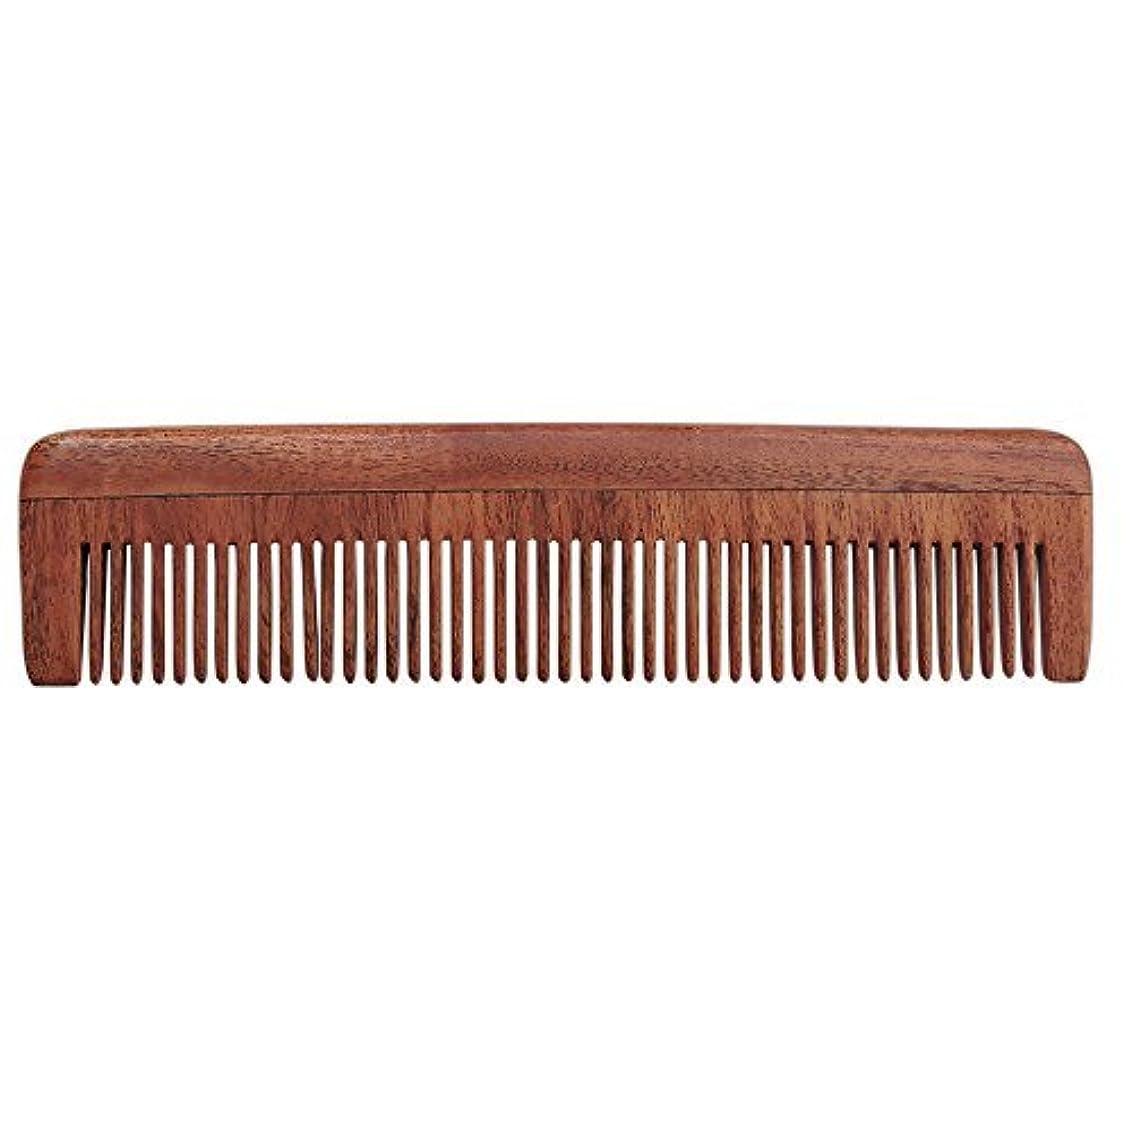 バースト餌場所HealthGoodsIn - Pure Neem Wood Fine Tooth Comb for Fine Hair | Fine Tooth Neem Comb | Organic and Natural for...